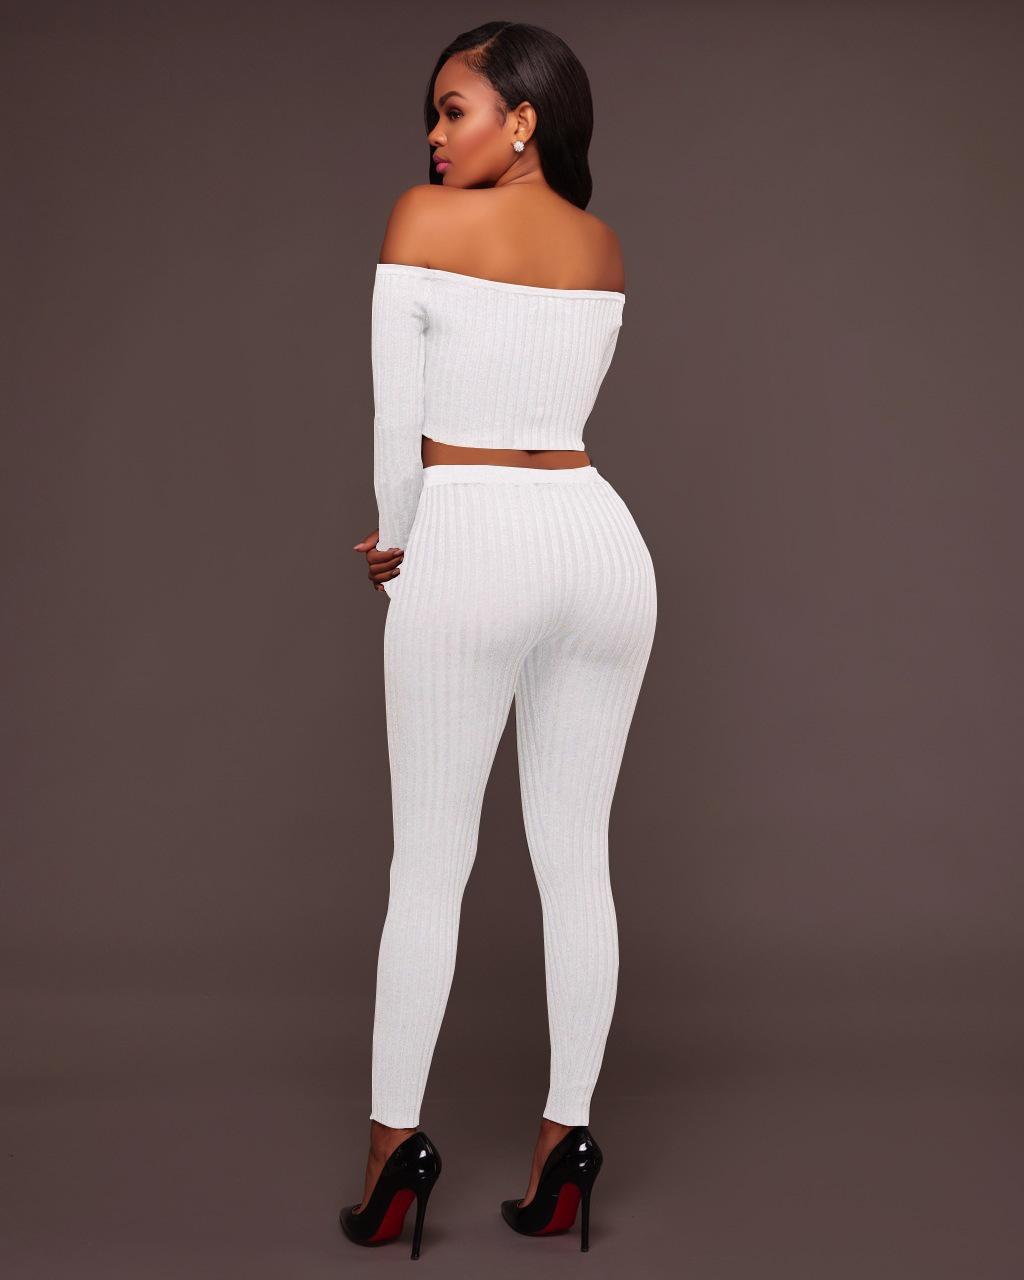 sexy alto hilo elástico sin hombro de manga larga camiseta pantalones de dos piezas conjuntos de las mujeres más el tamaño s-2xl primavera otoño club pantalones trajes